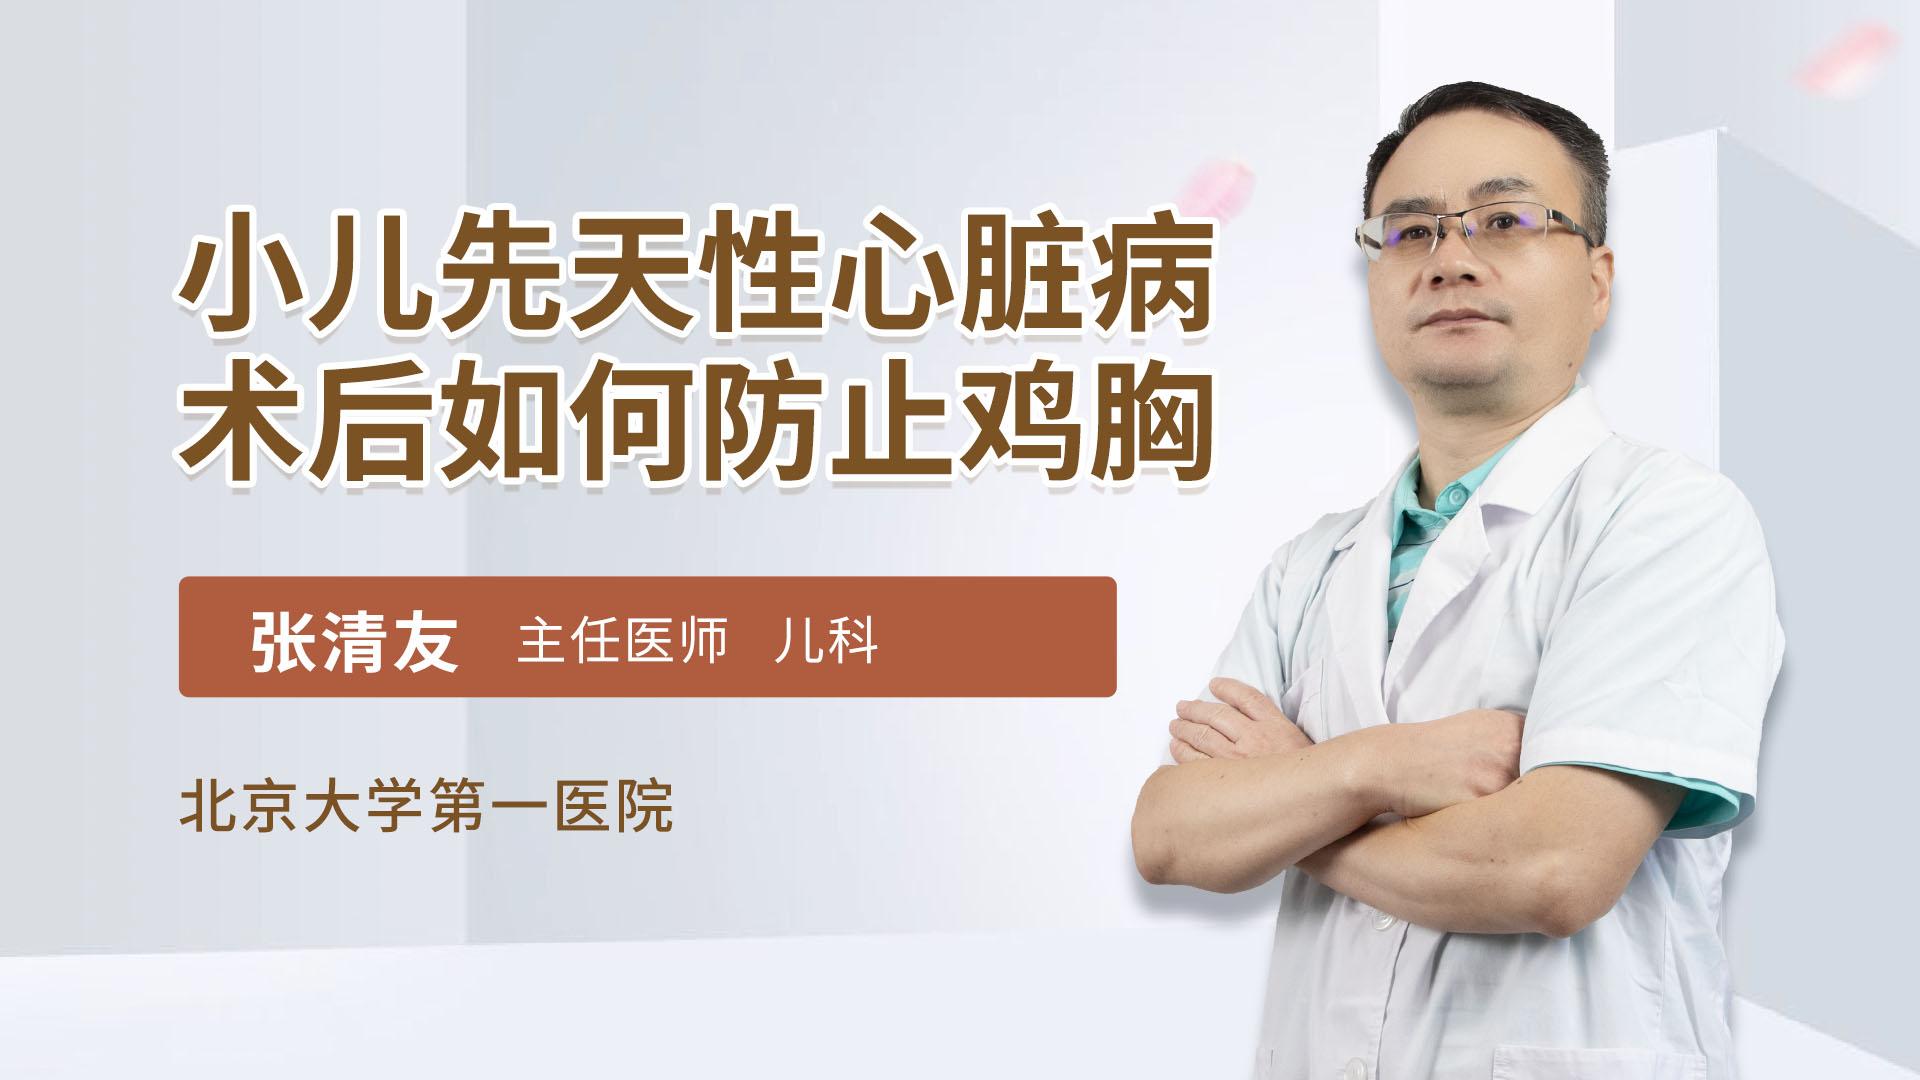 小儿先天性心脏病术后如何防治鸡胸